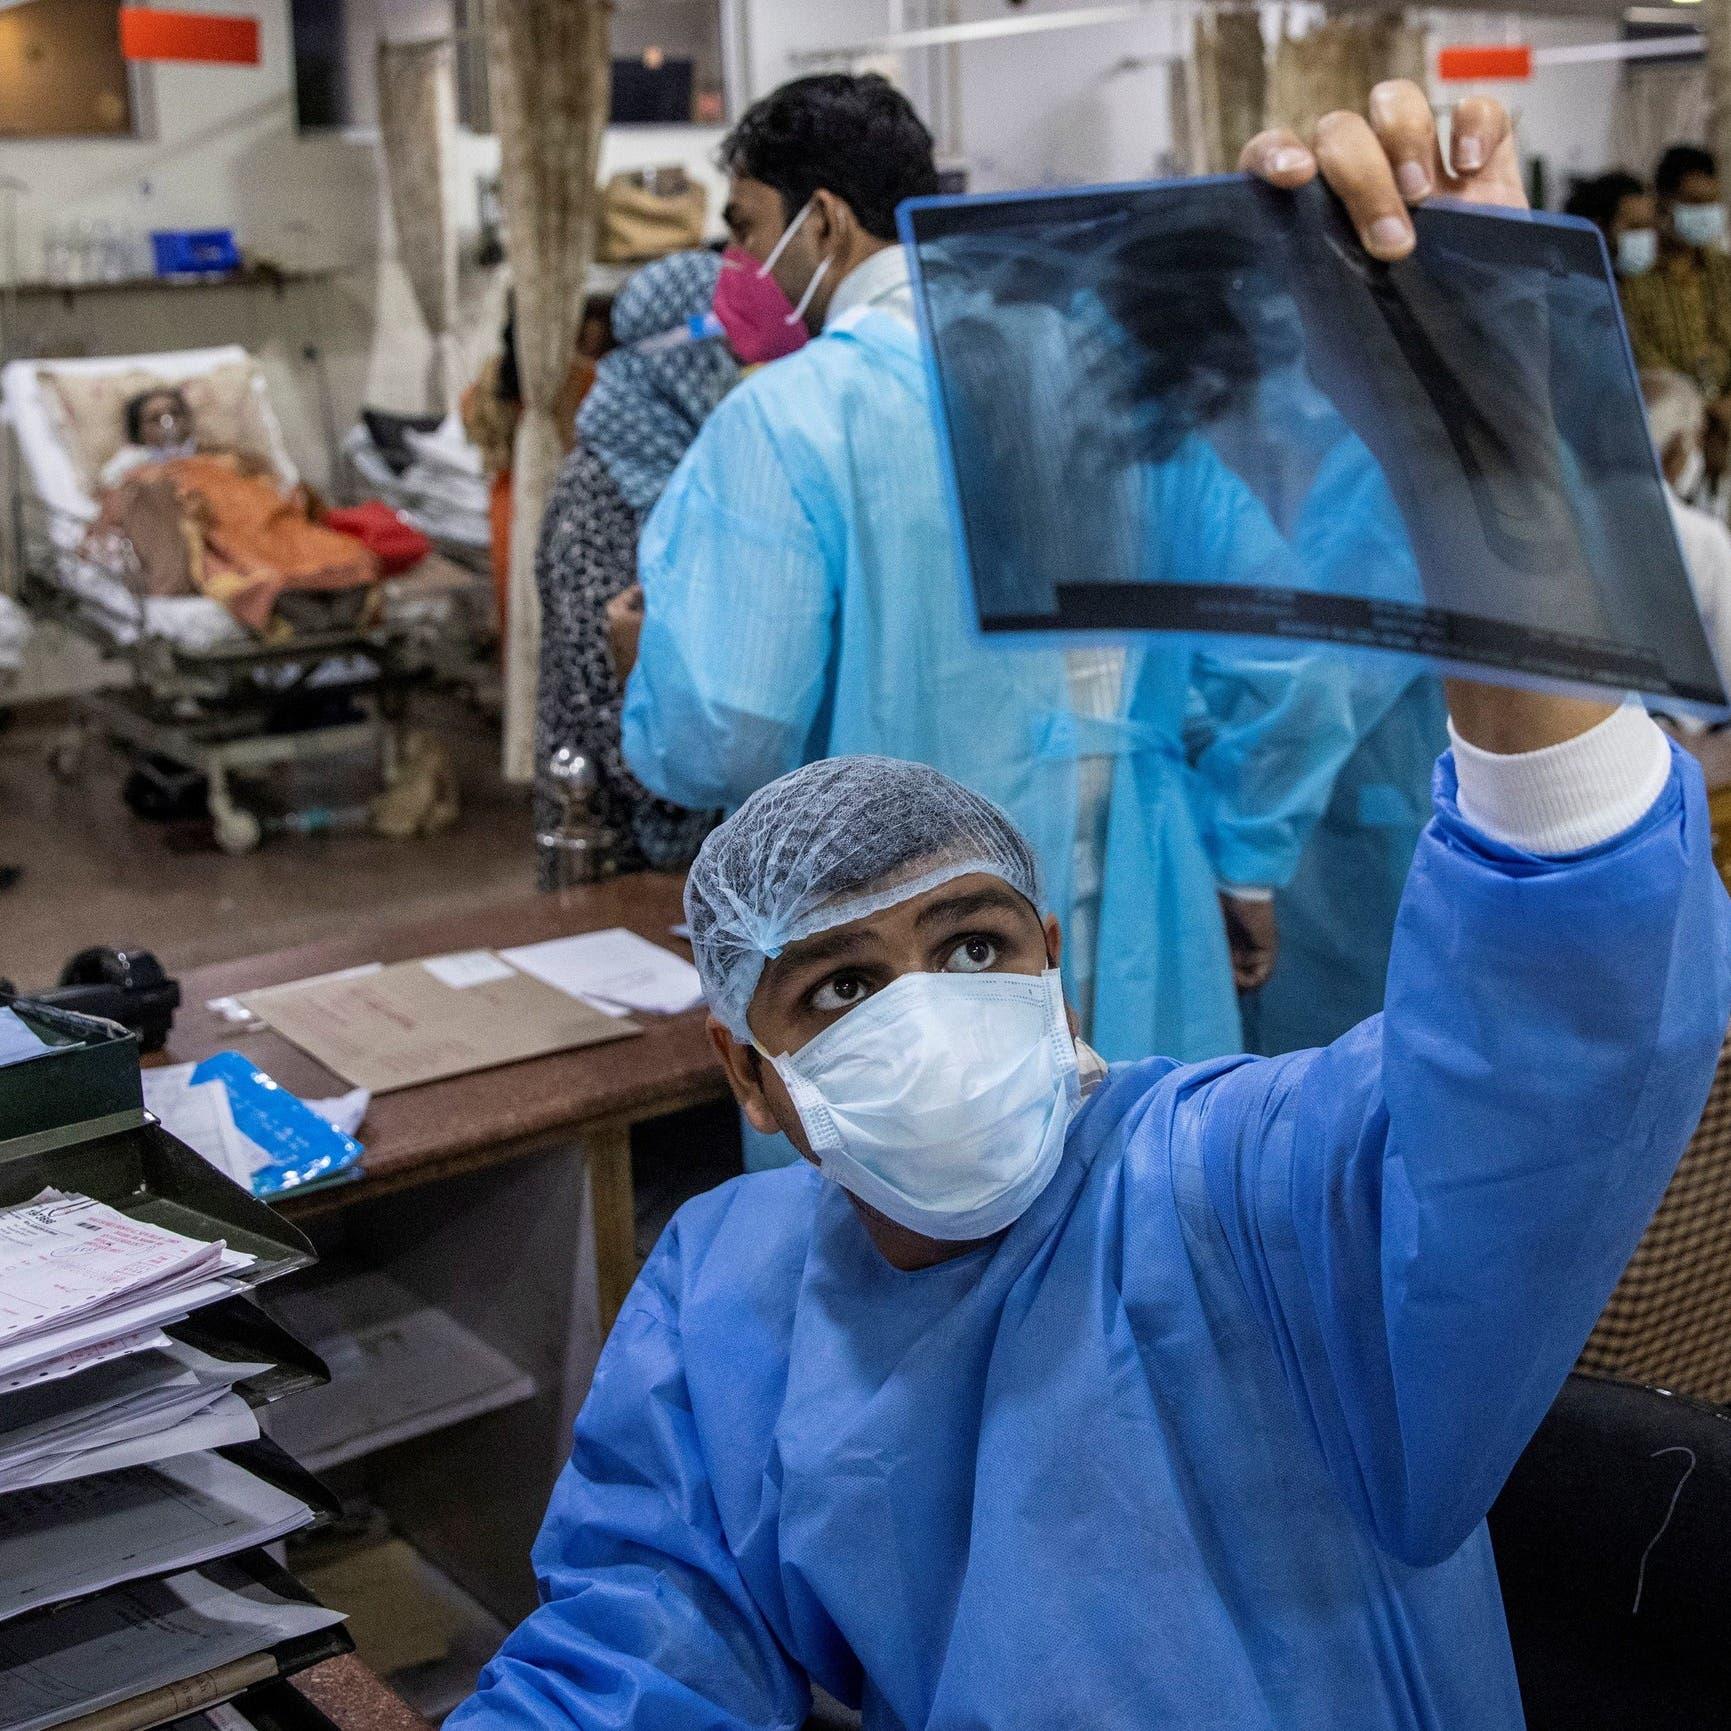 أطباء هنود يطالبون الحكومة بإشراكهم في المعركة ضد كورونا